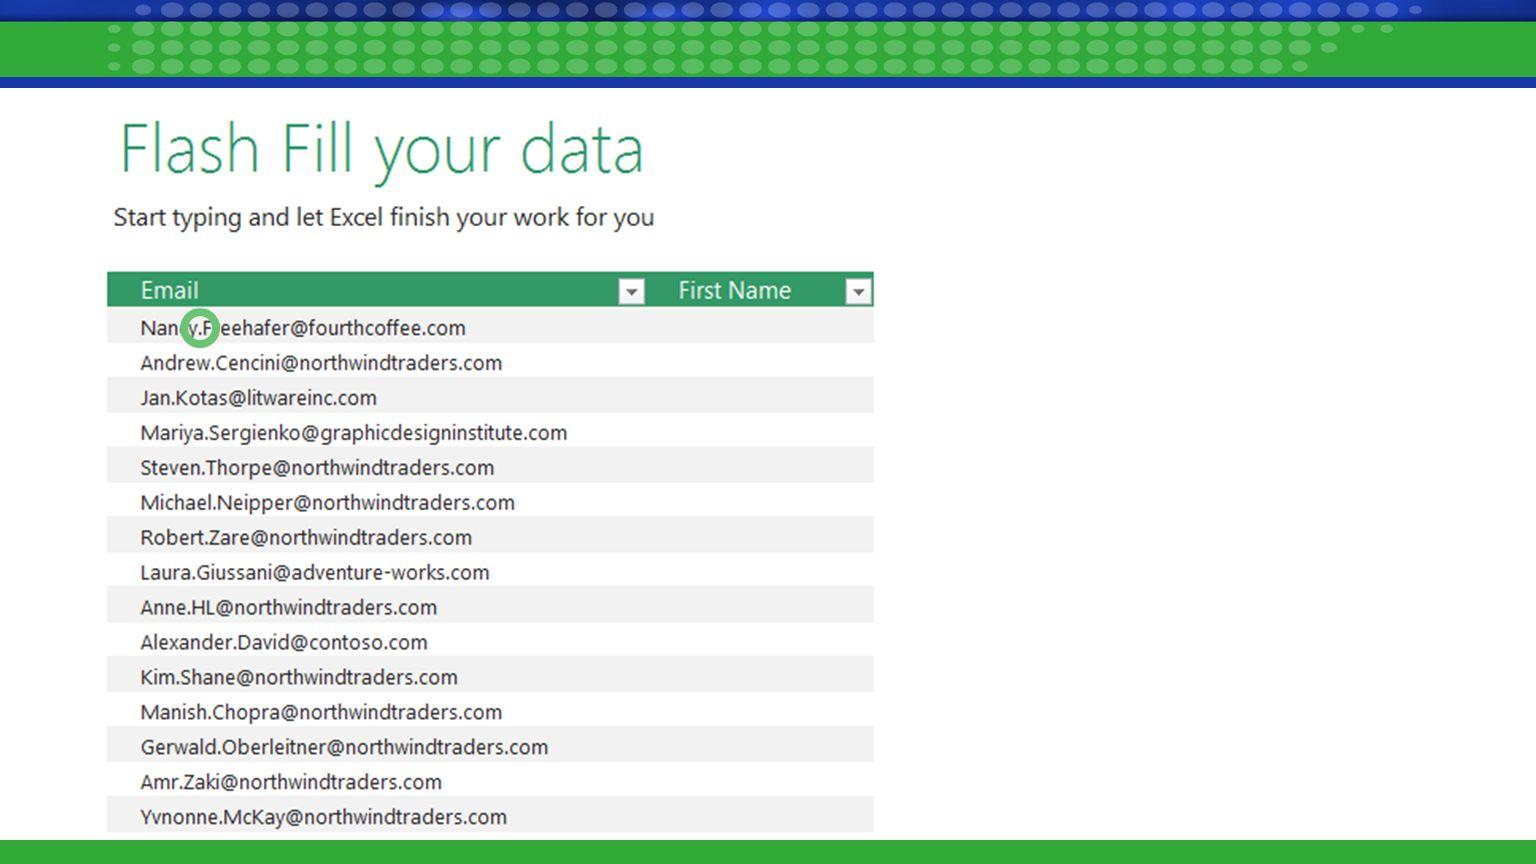 Excel Blogs http://blogs.office.com/excel/